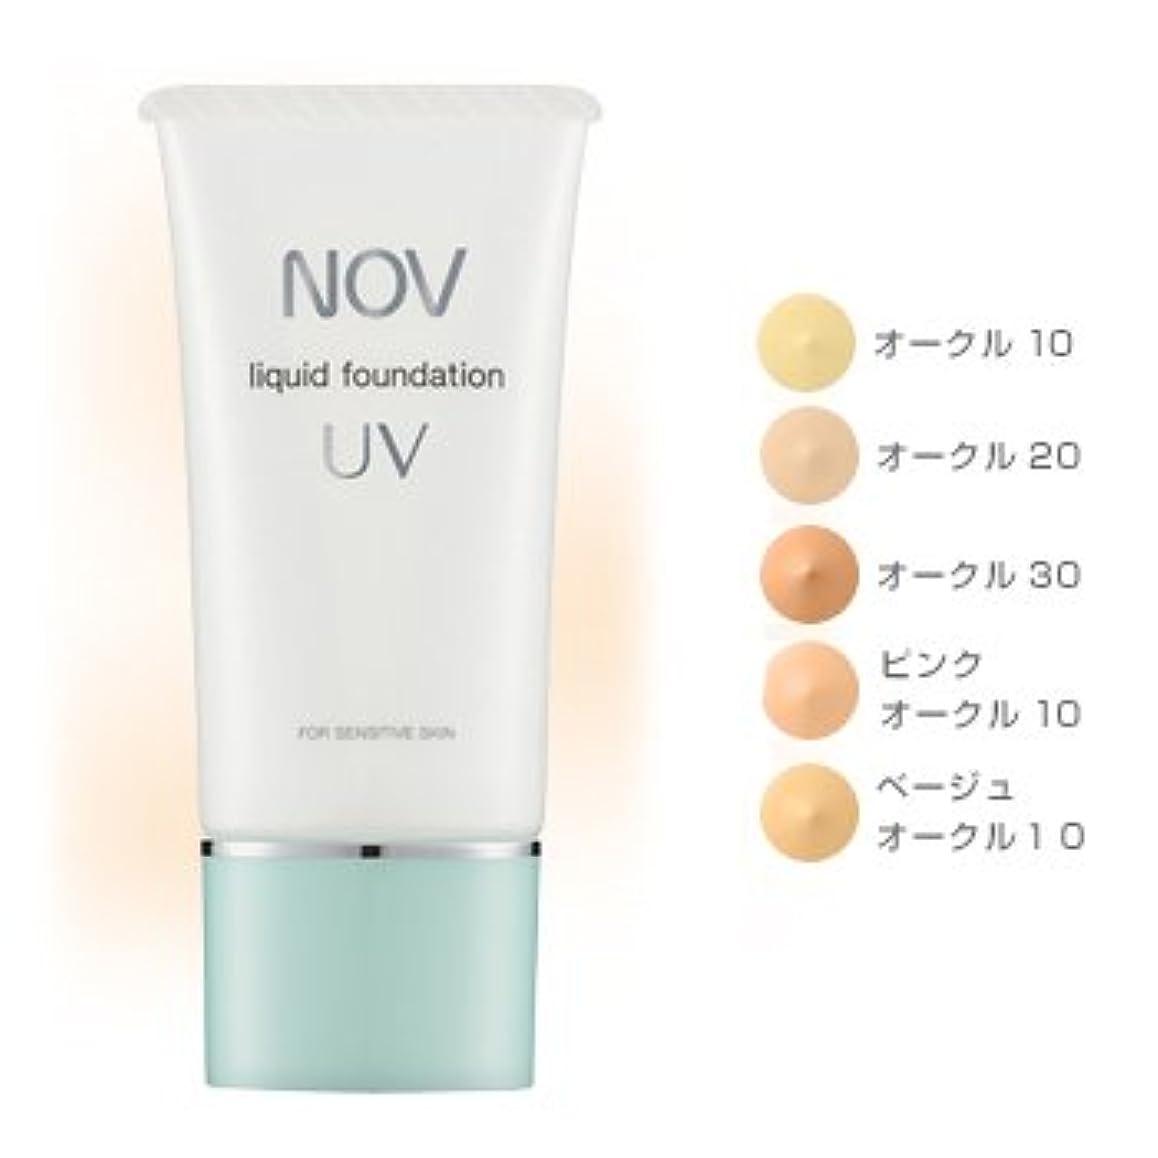 準備した指定する適応的ノブ リキッドファンデーション UV (オークル10)